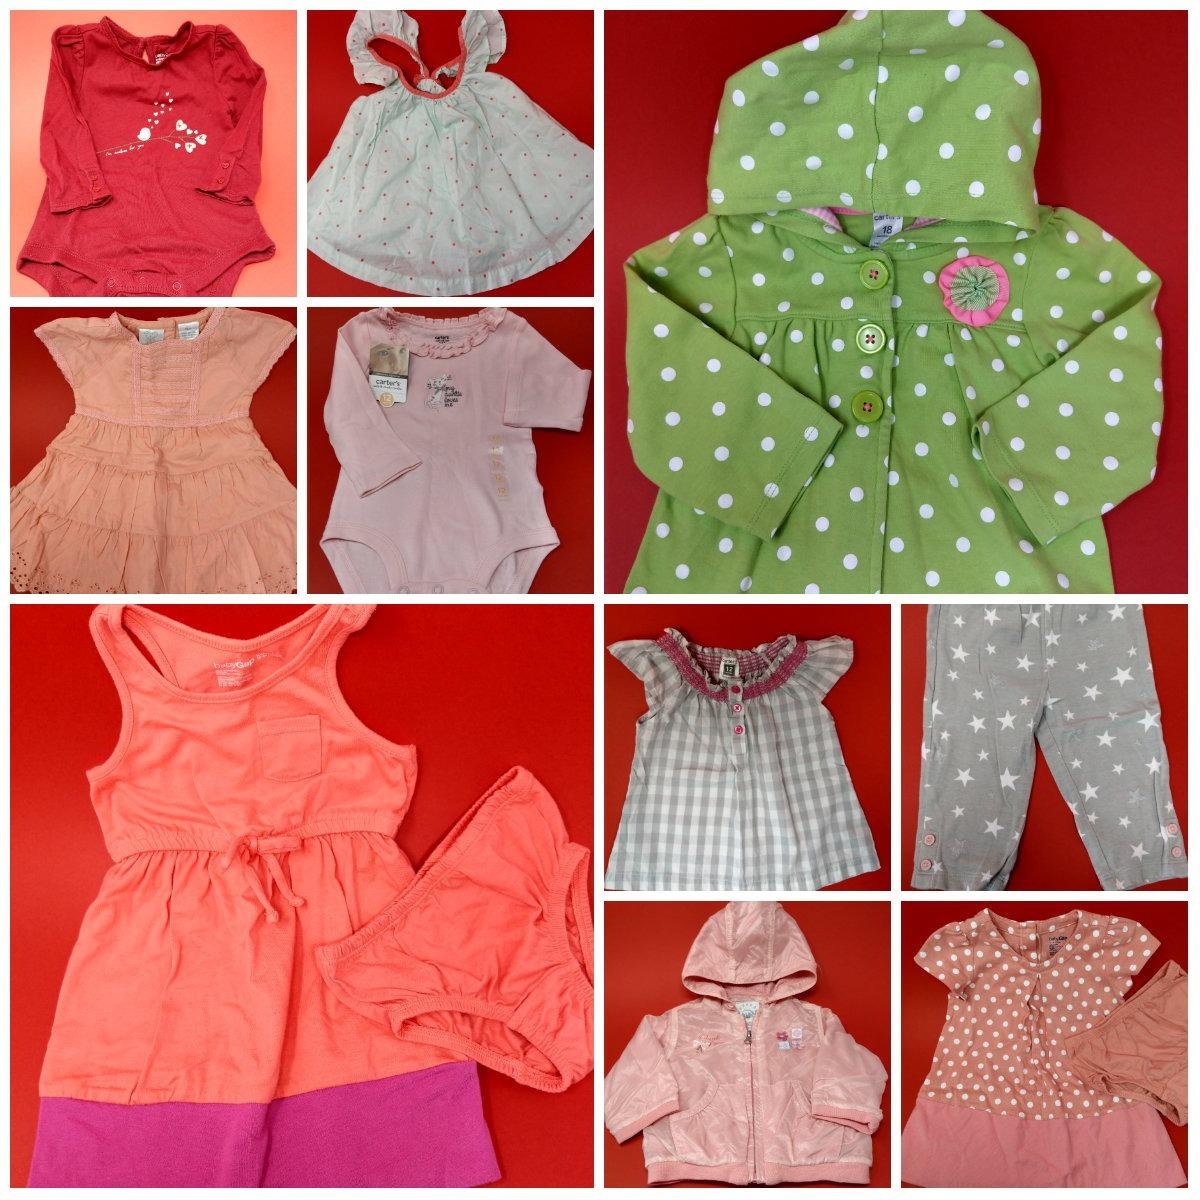 63b1ca836 ... ropa niña americana nueva de marca 12-18 meses. Cargando zoom.